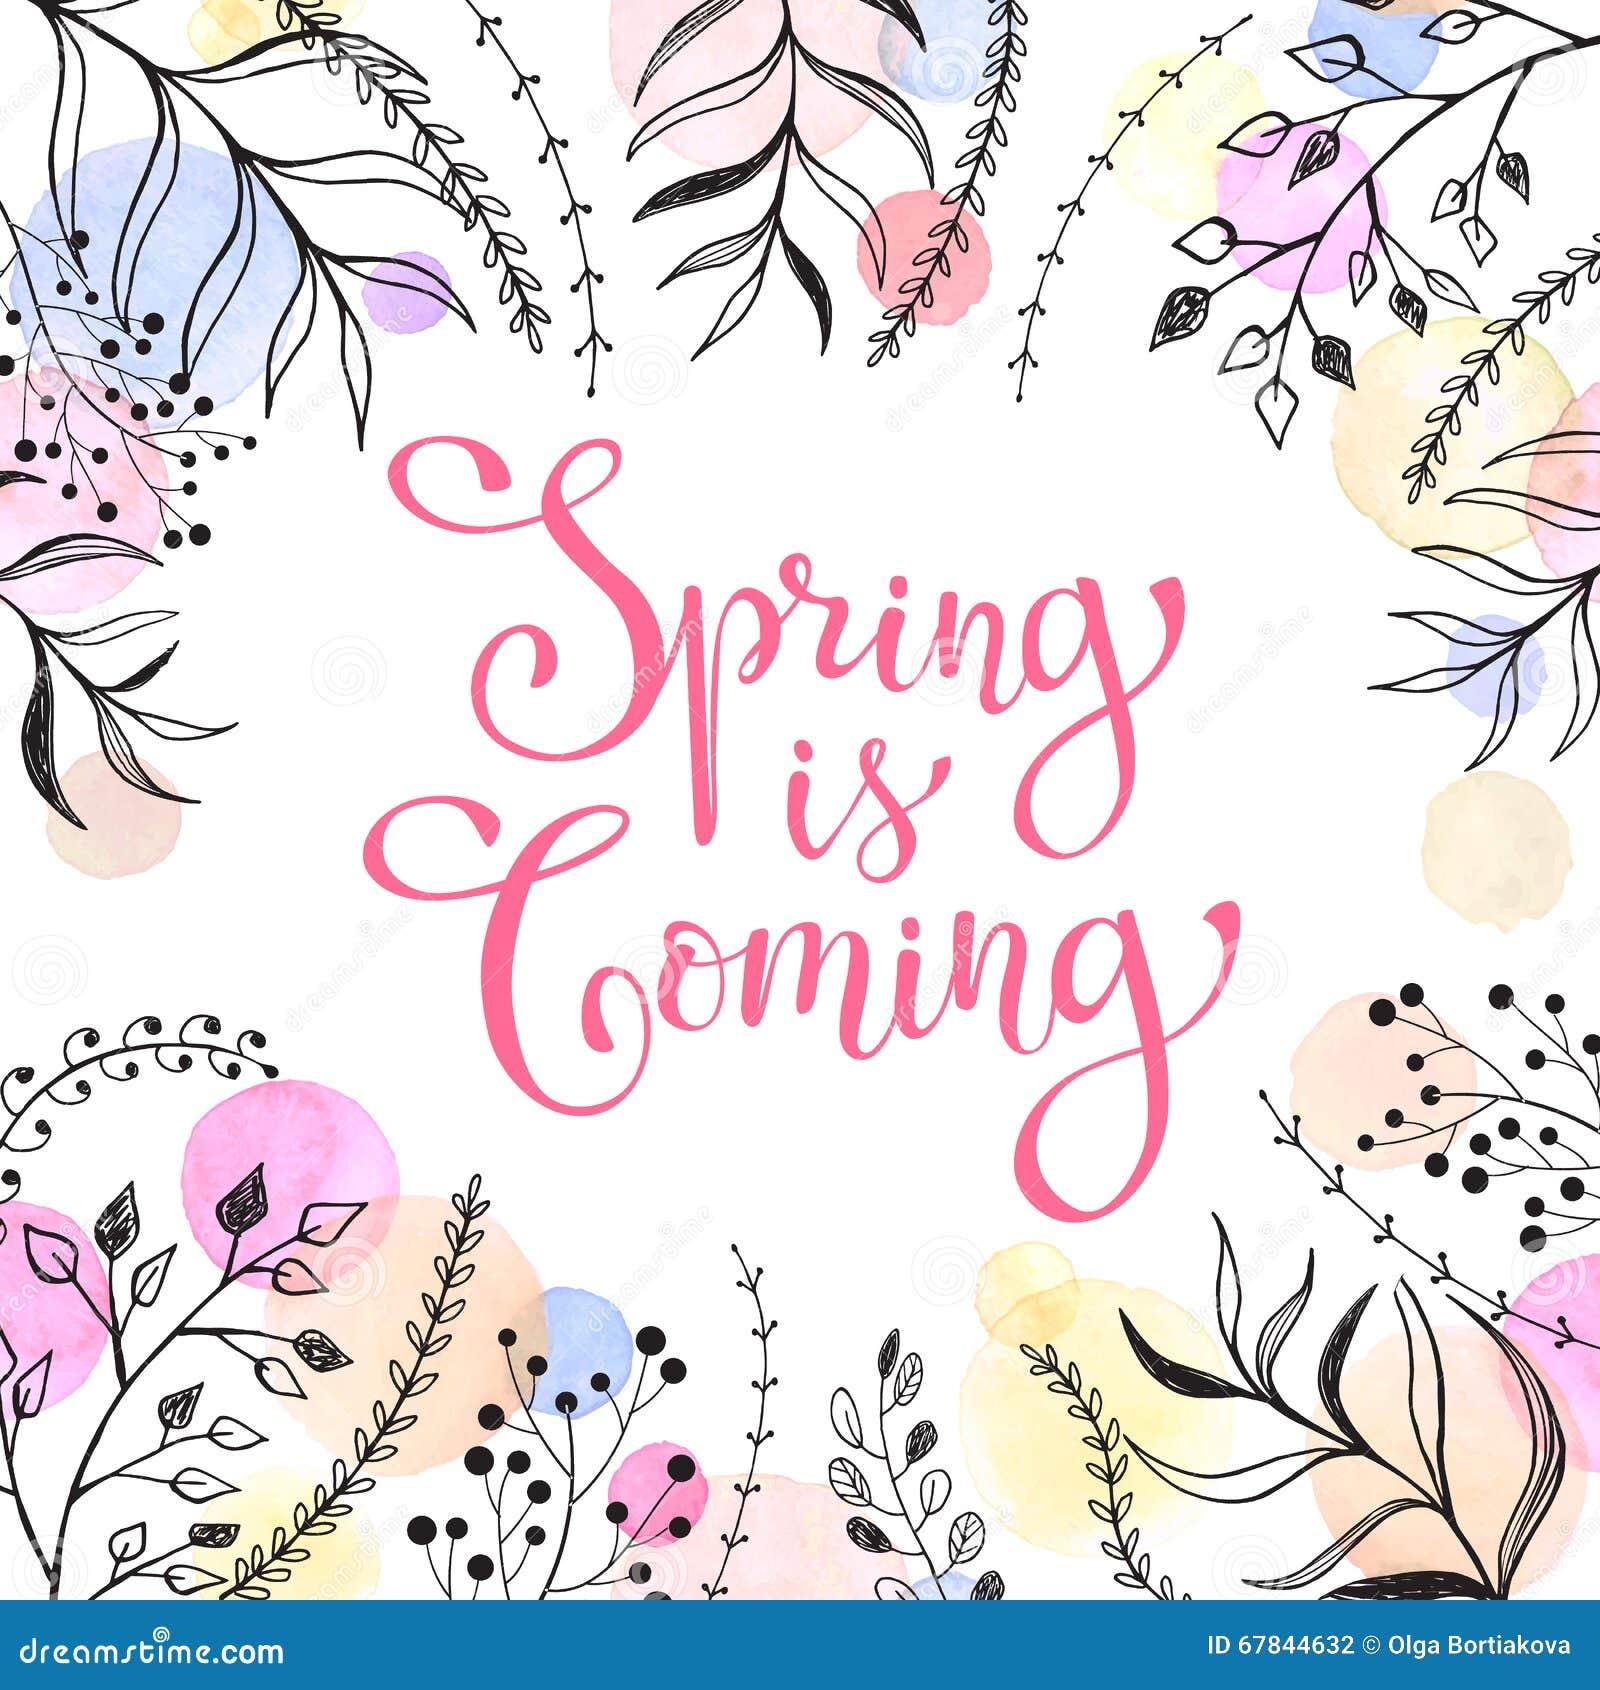 以后的春天 与花卉元素和水彩斑点的春天字词在背景 在淡色的浪漫图片